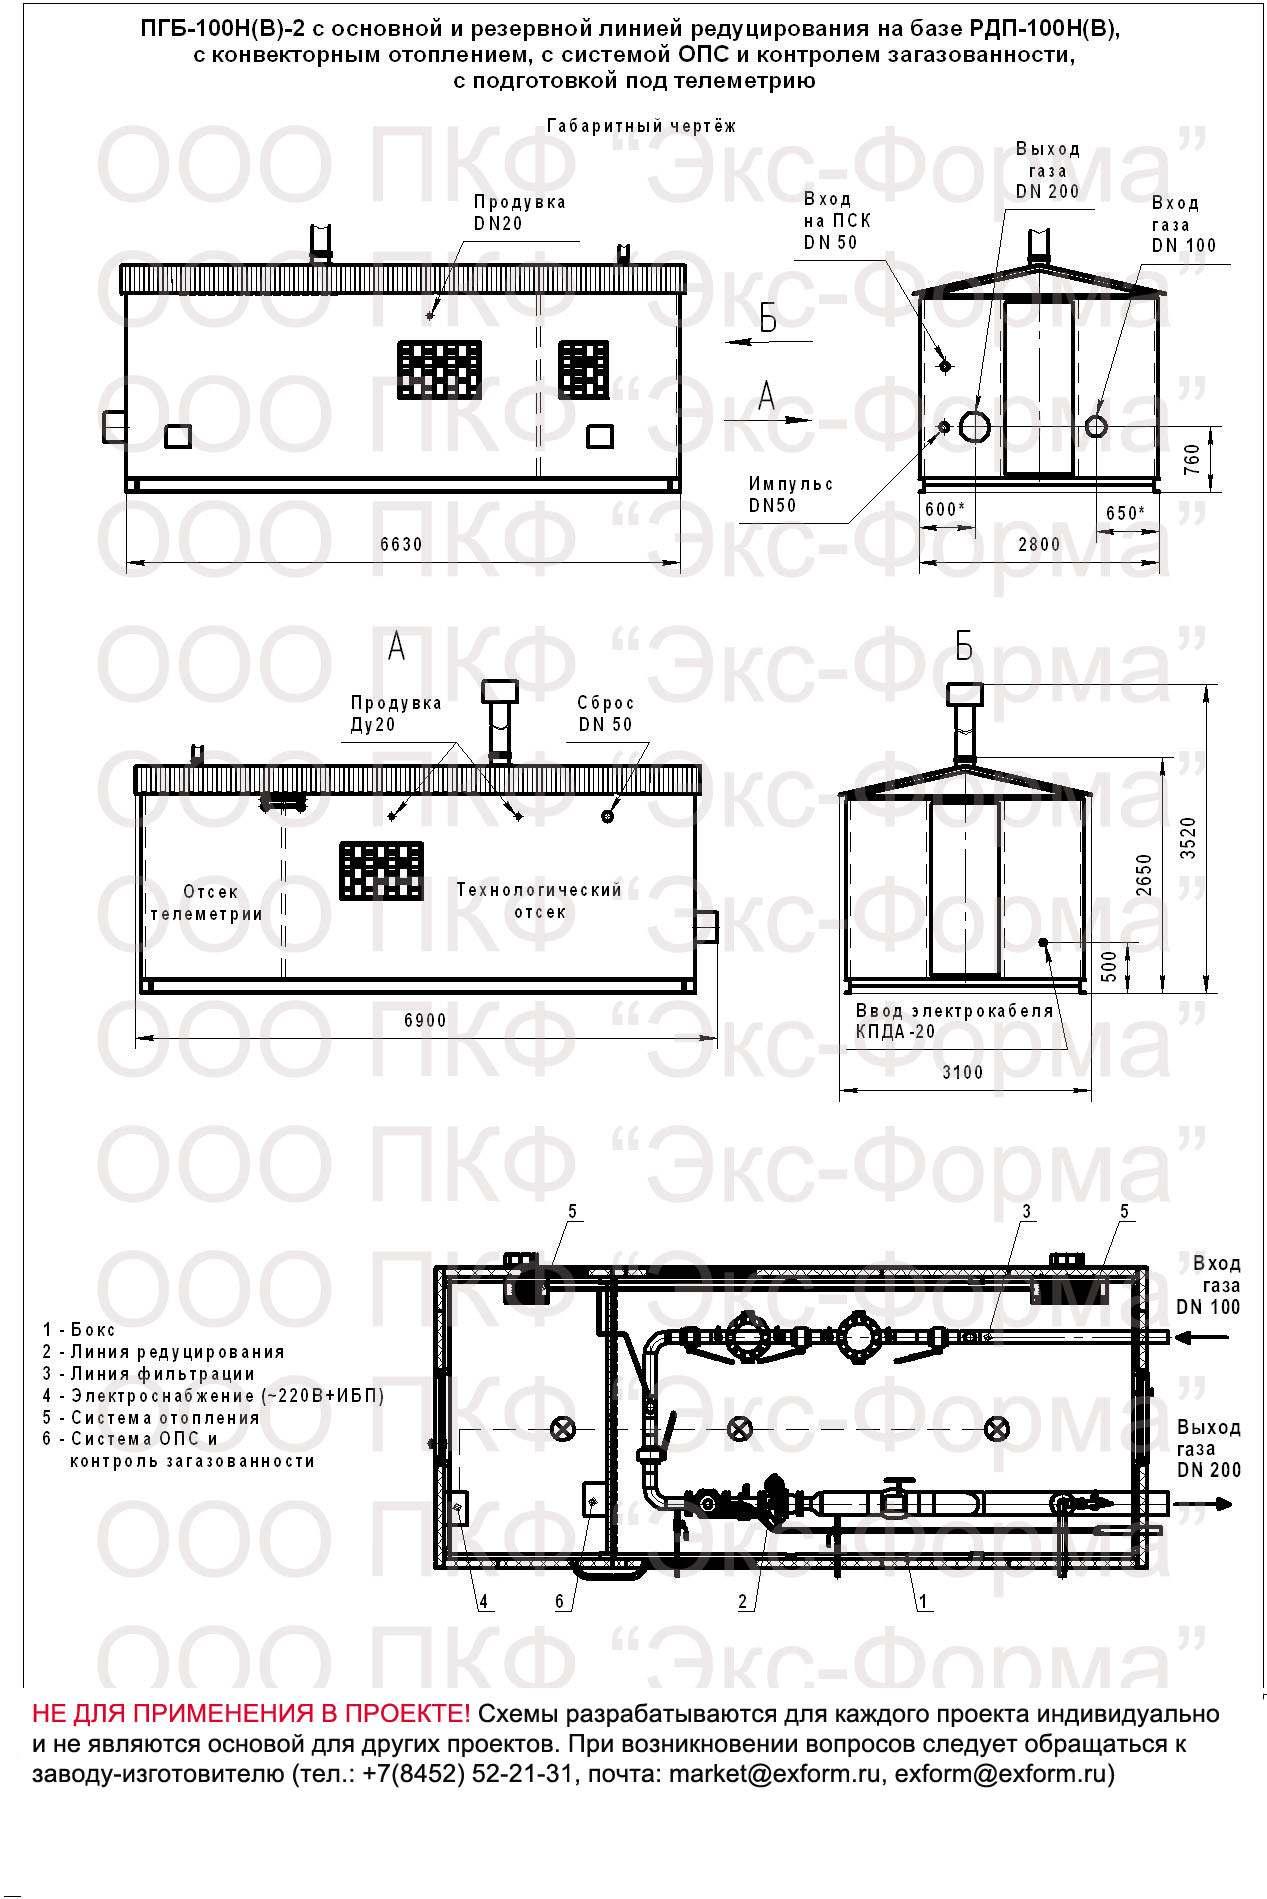 схема габаритная ПГБ-100Н-2У1, ПГБ-100В-2У1 с АОГВ